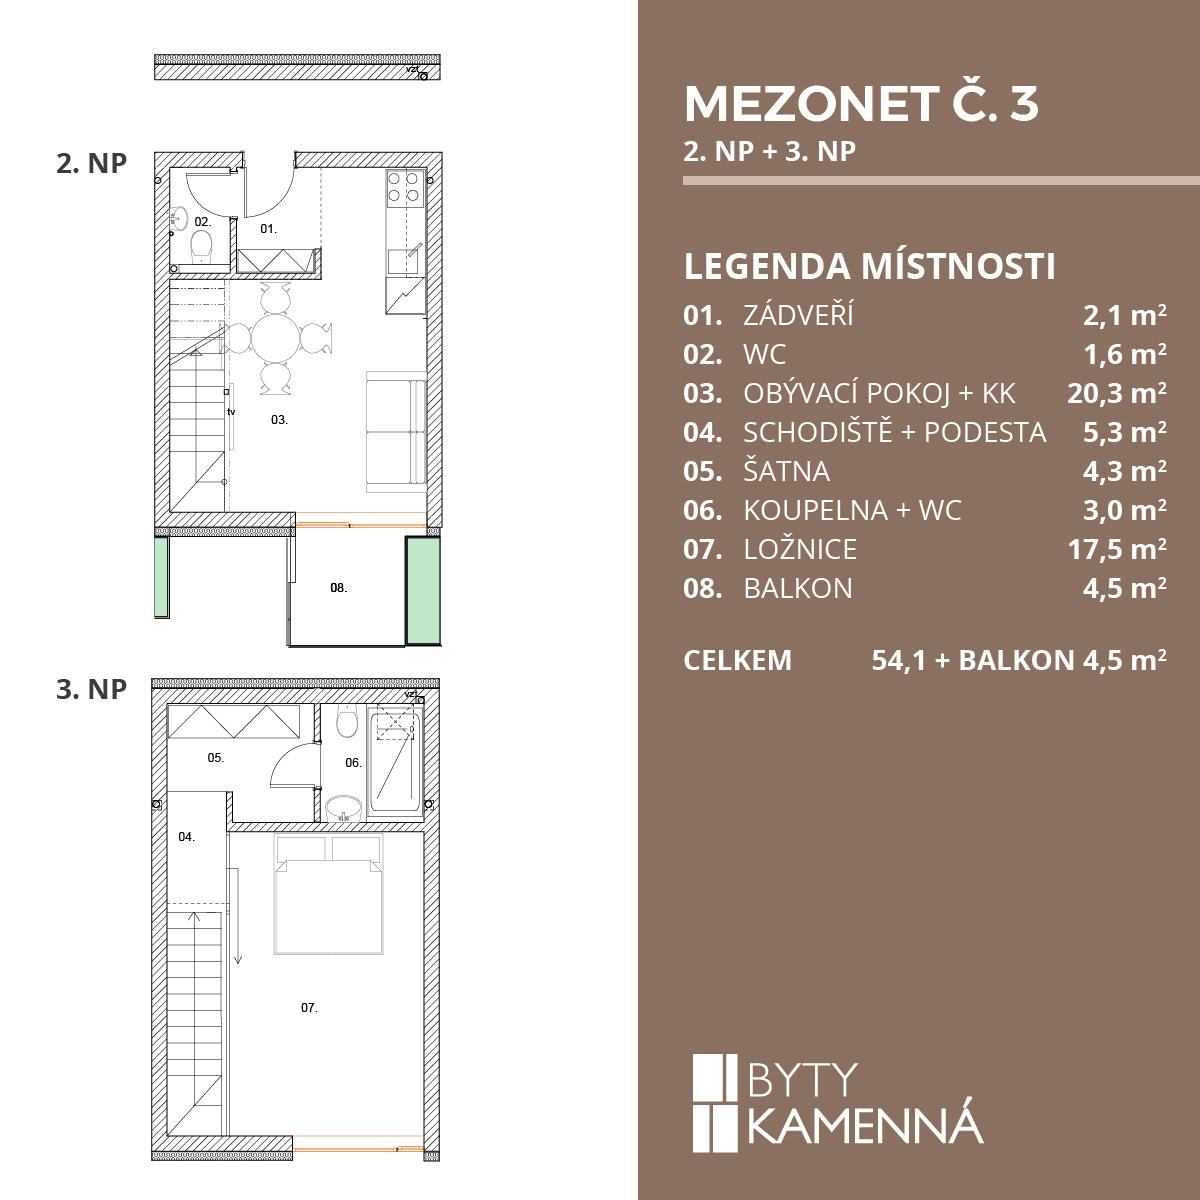 MEZONET 8